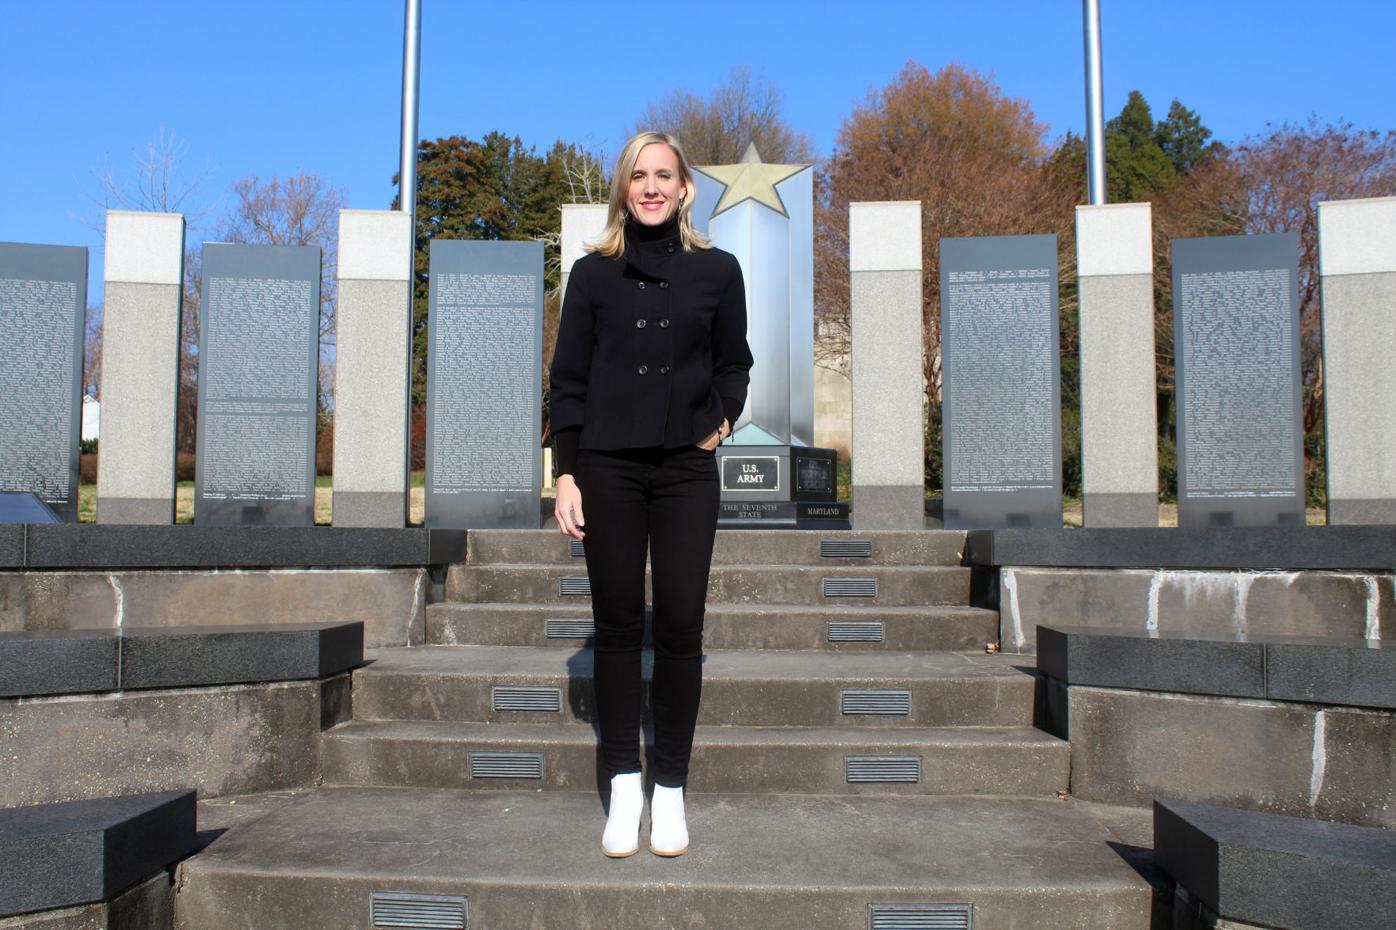 Erika memorial